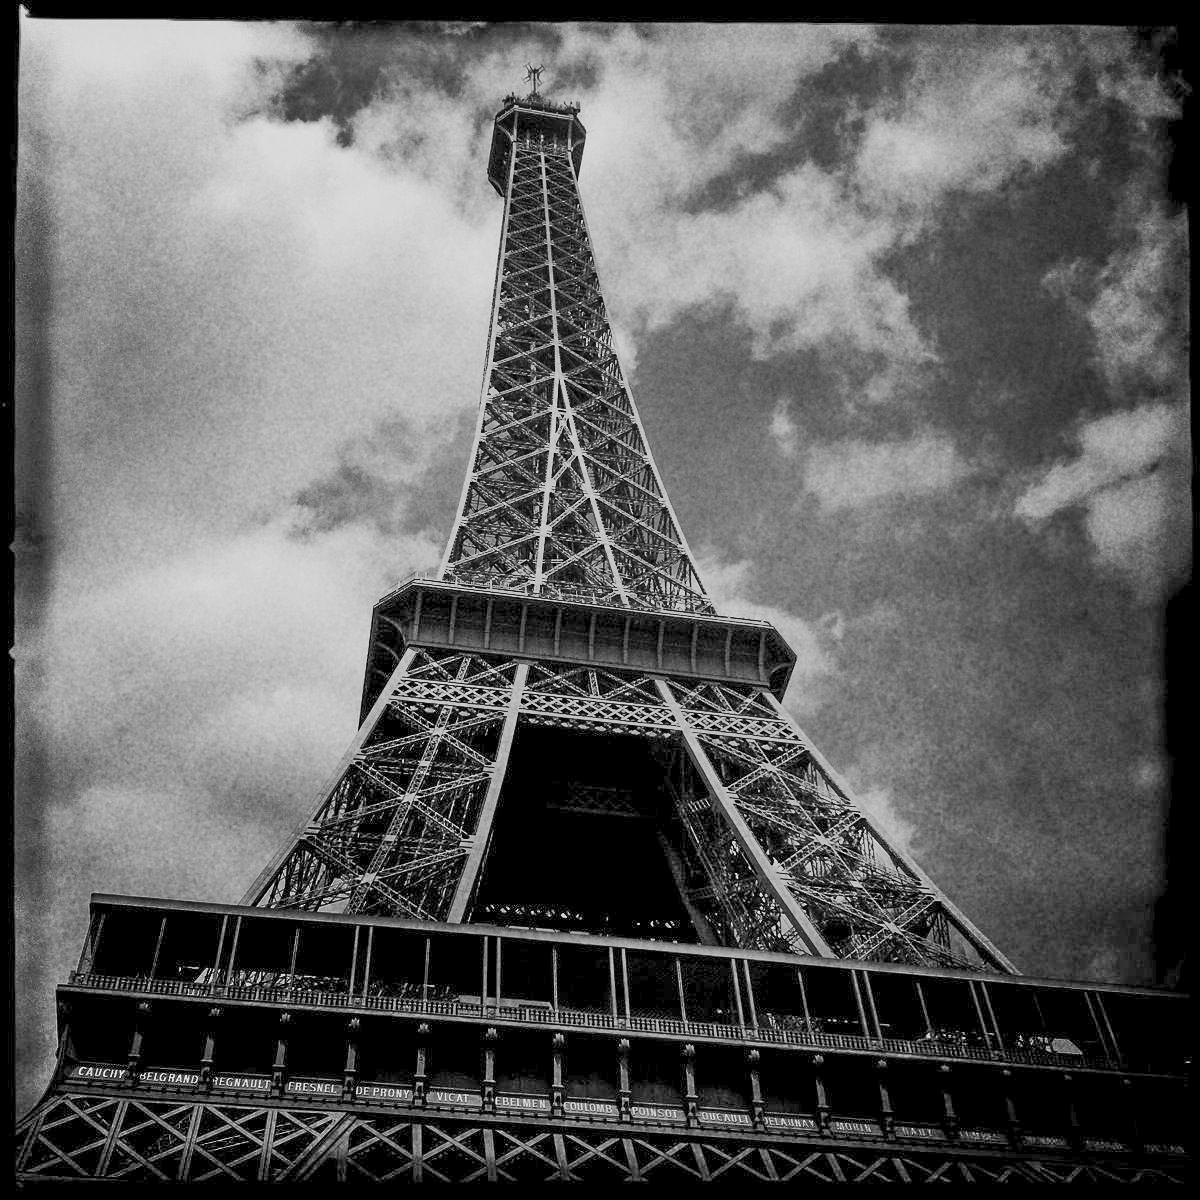 Der Eiffelturm in Paris von unten in einer Schwarzweißaufnahme